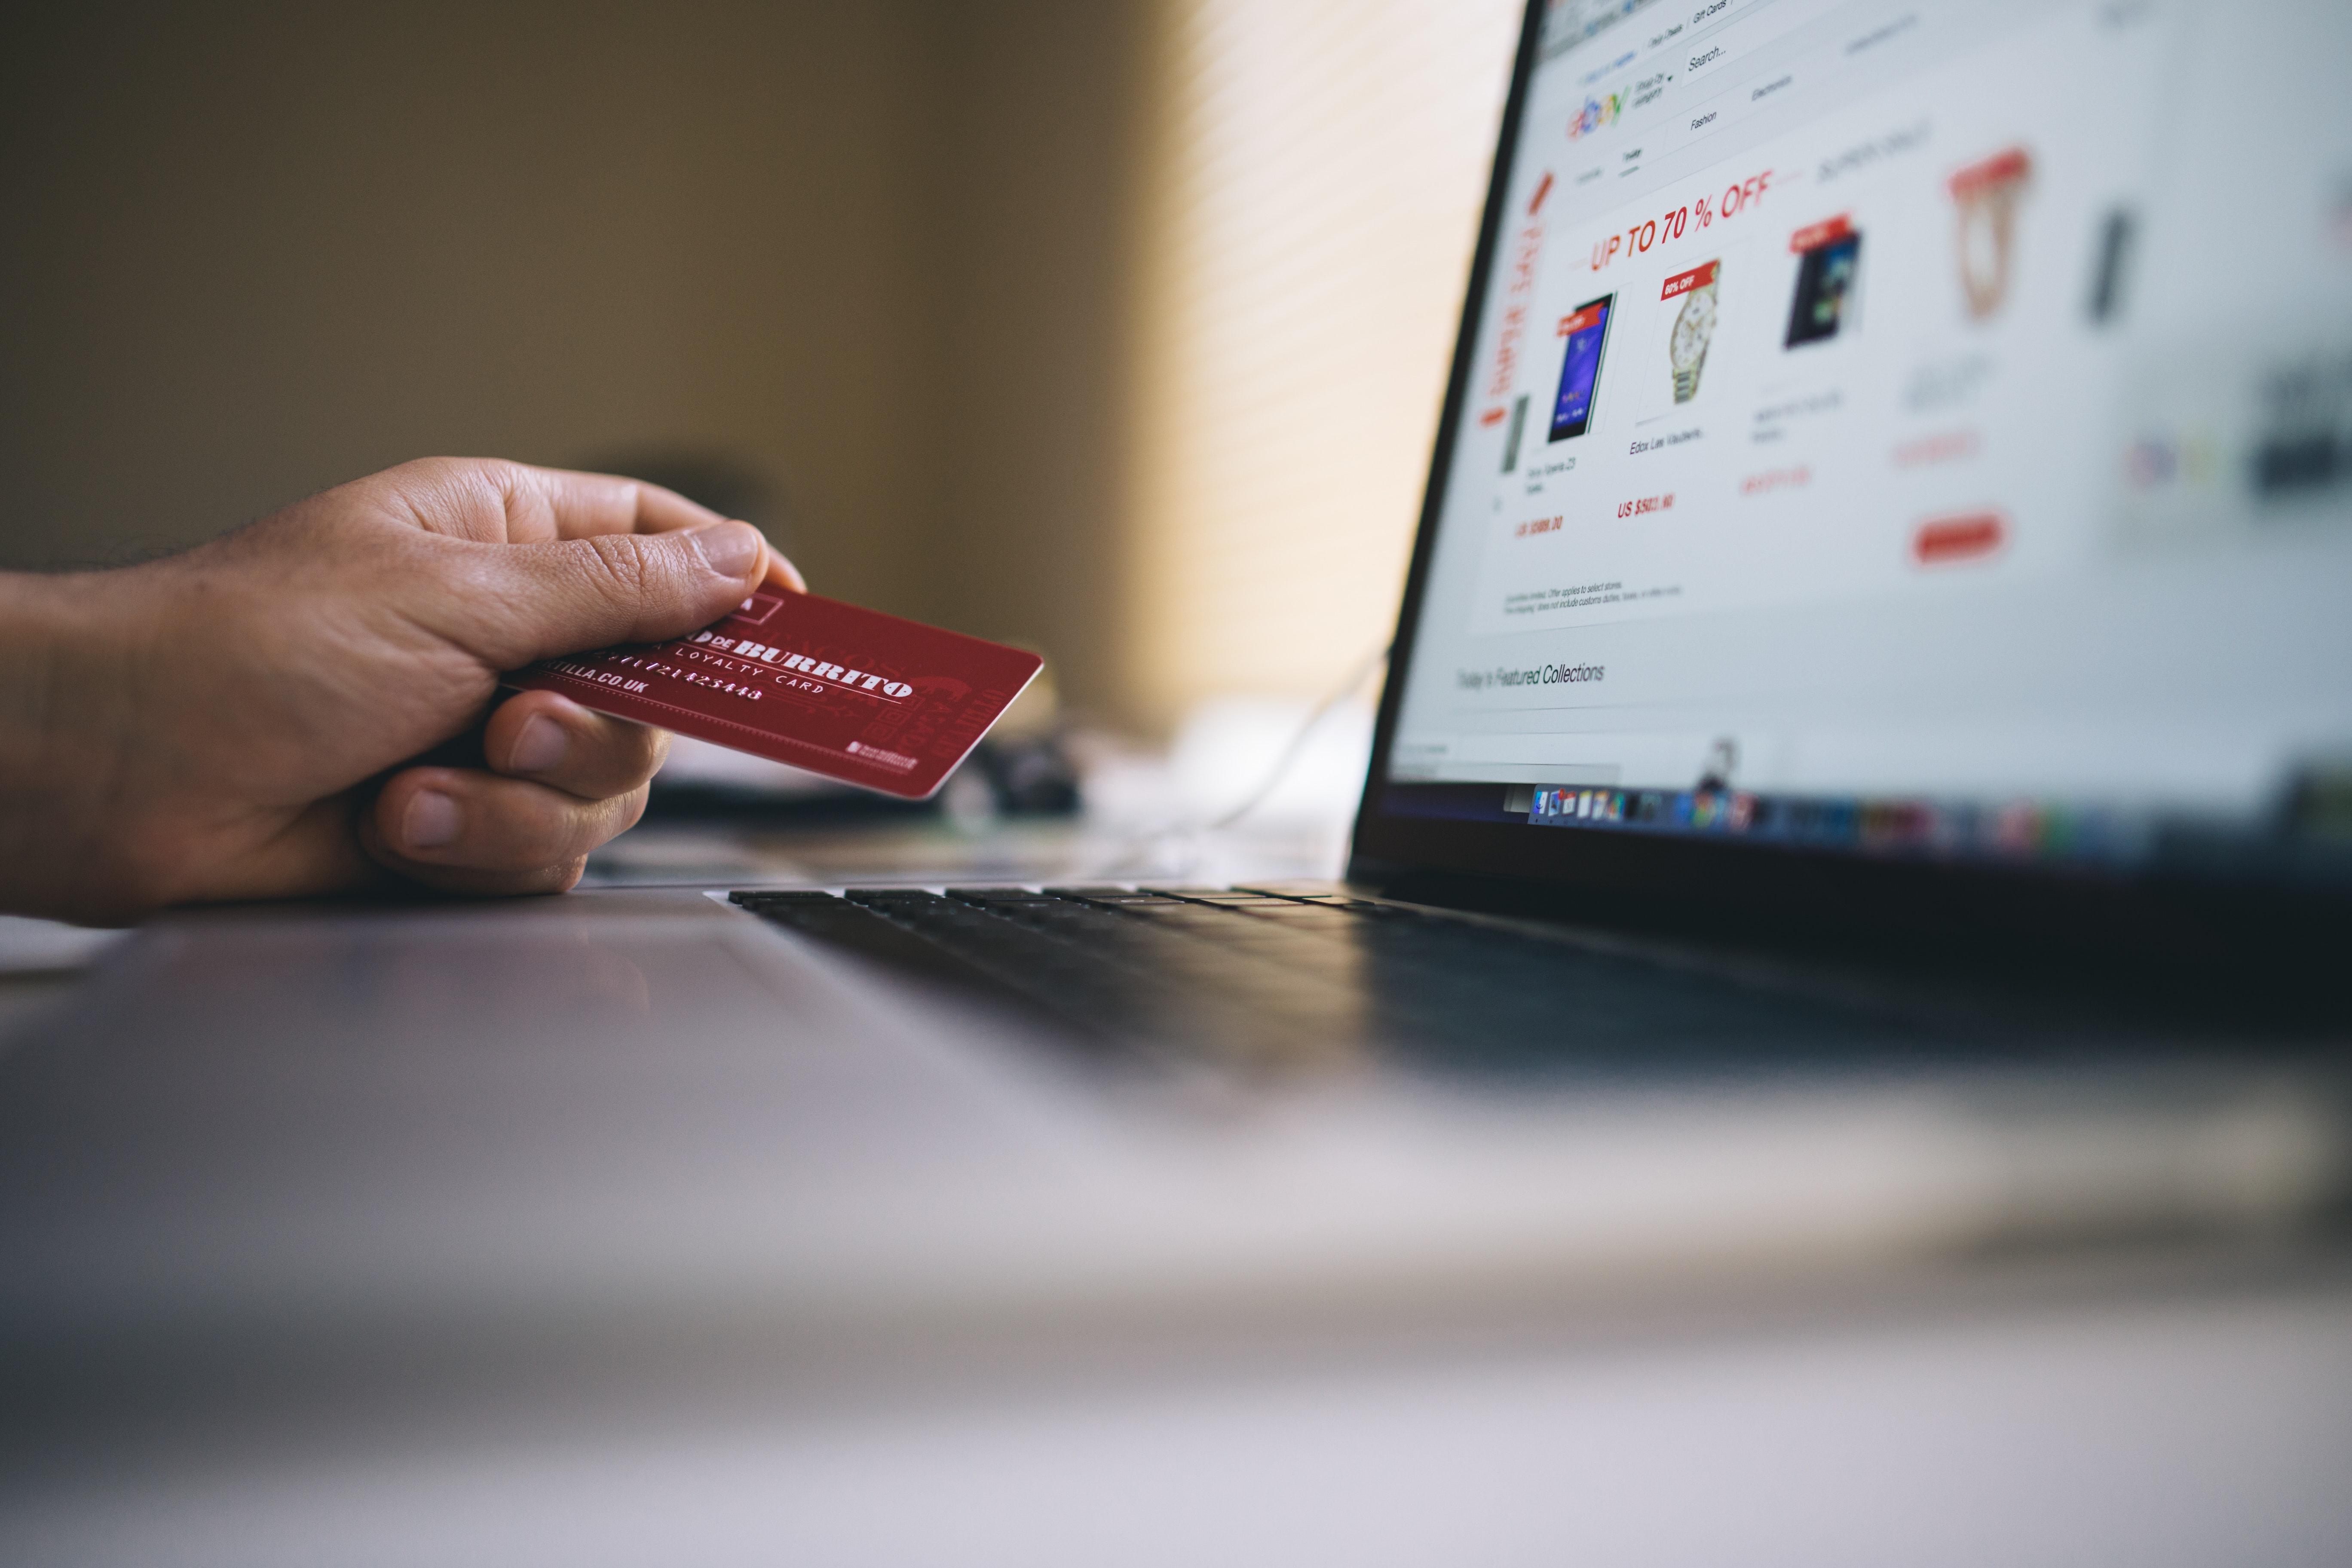 economía digital e-commerce en peru qué es la economía digital e-commerce o comercio electrónico e-commerce y marketing digital soluciones para emprendedores